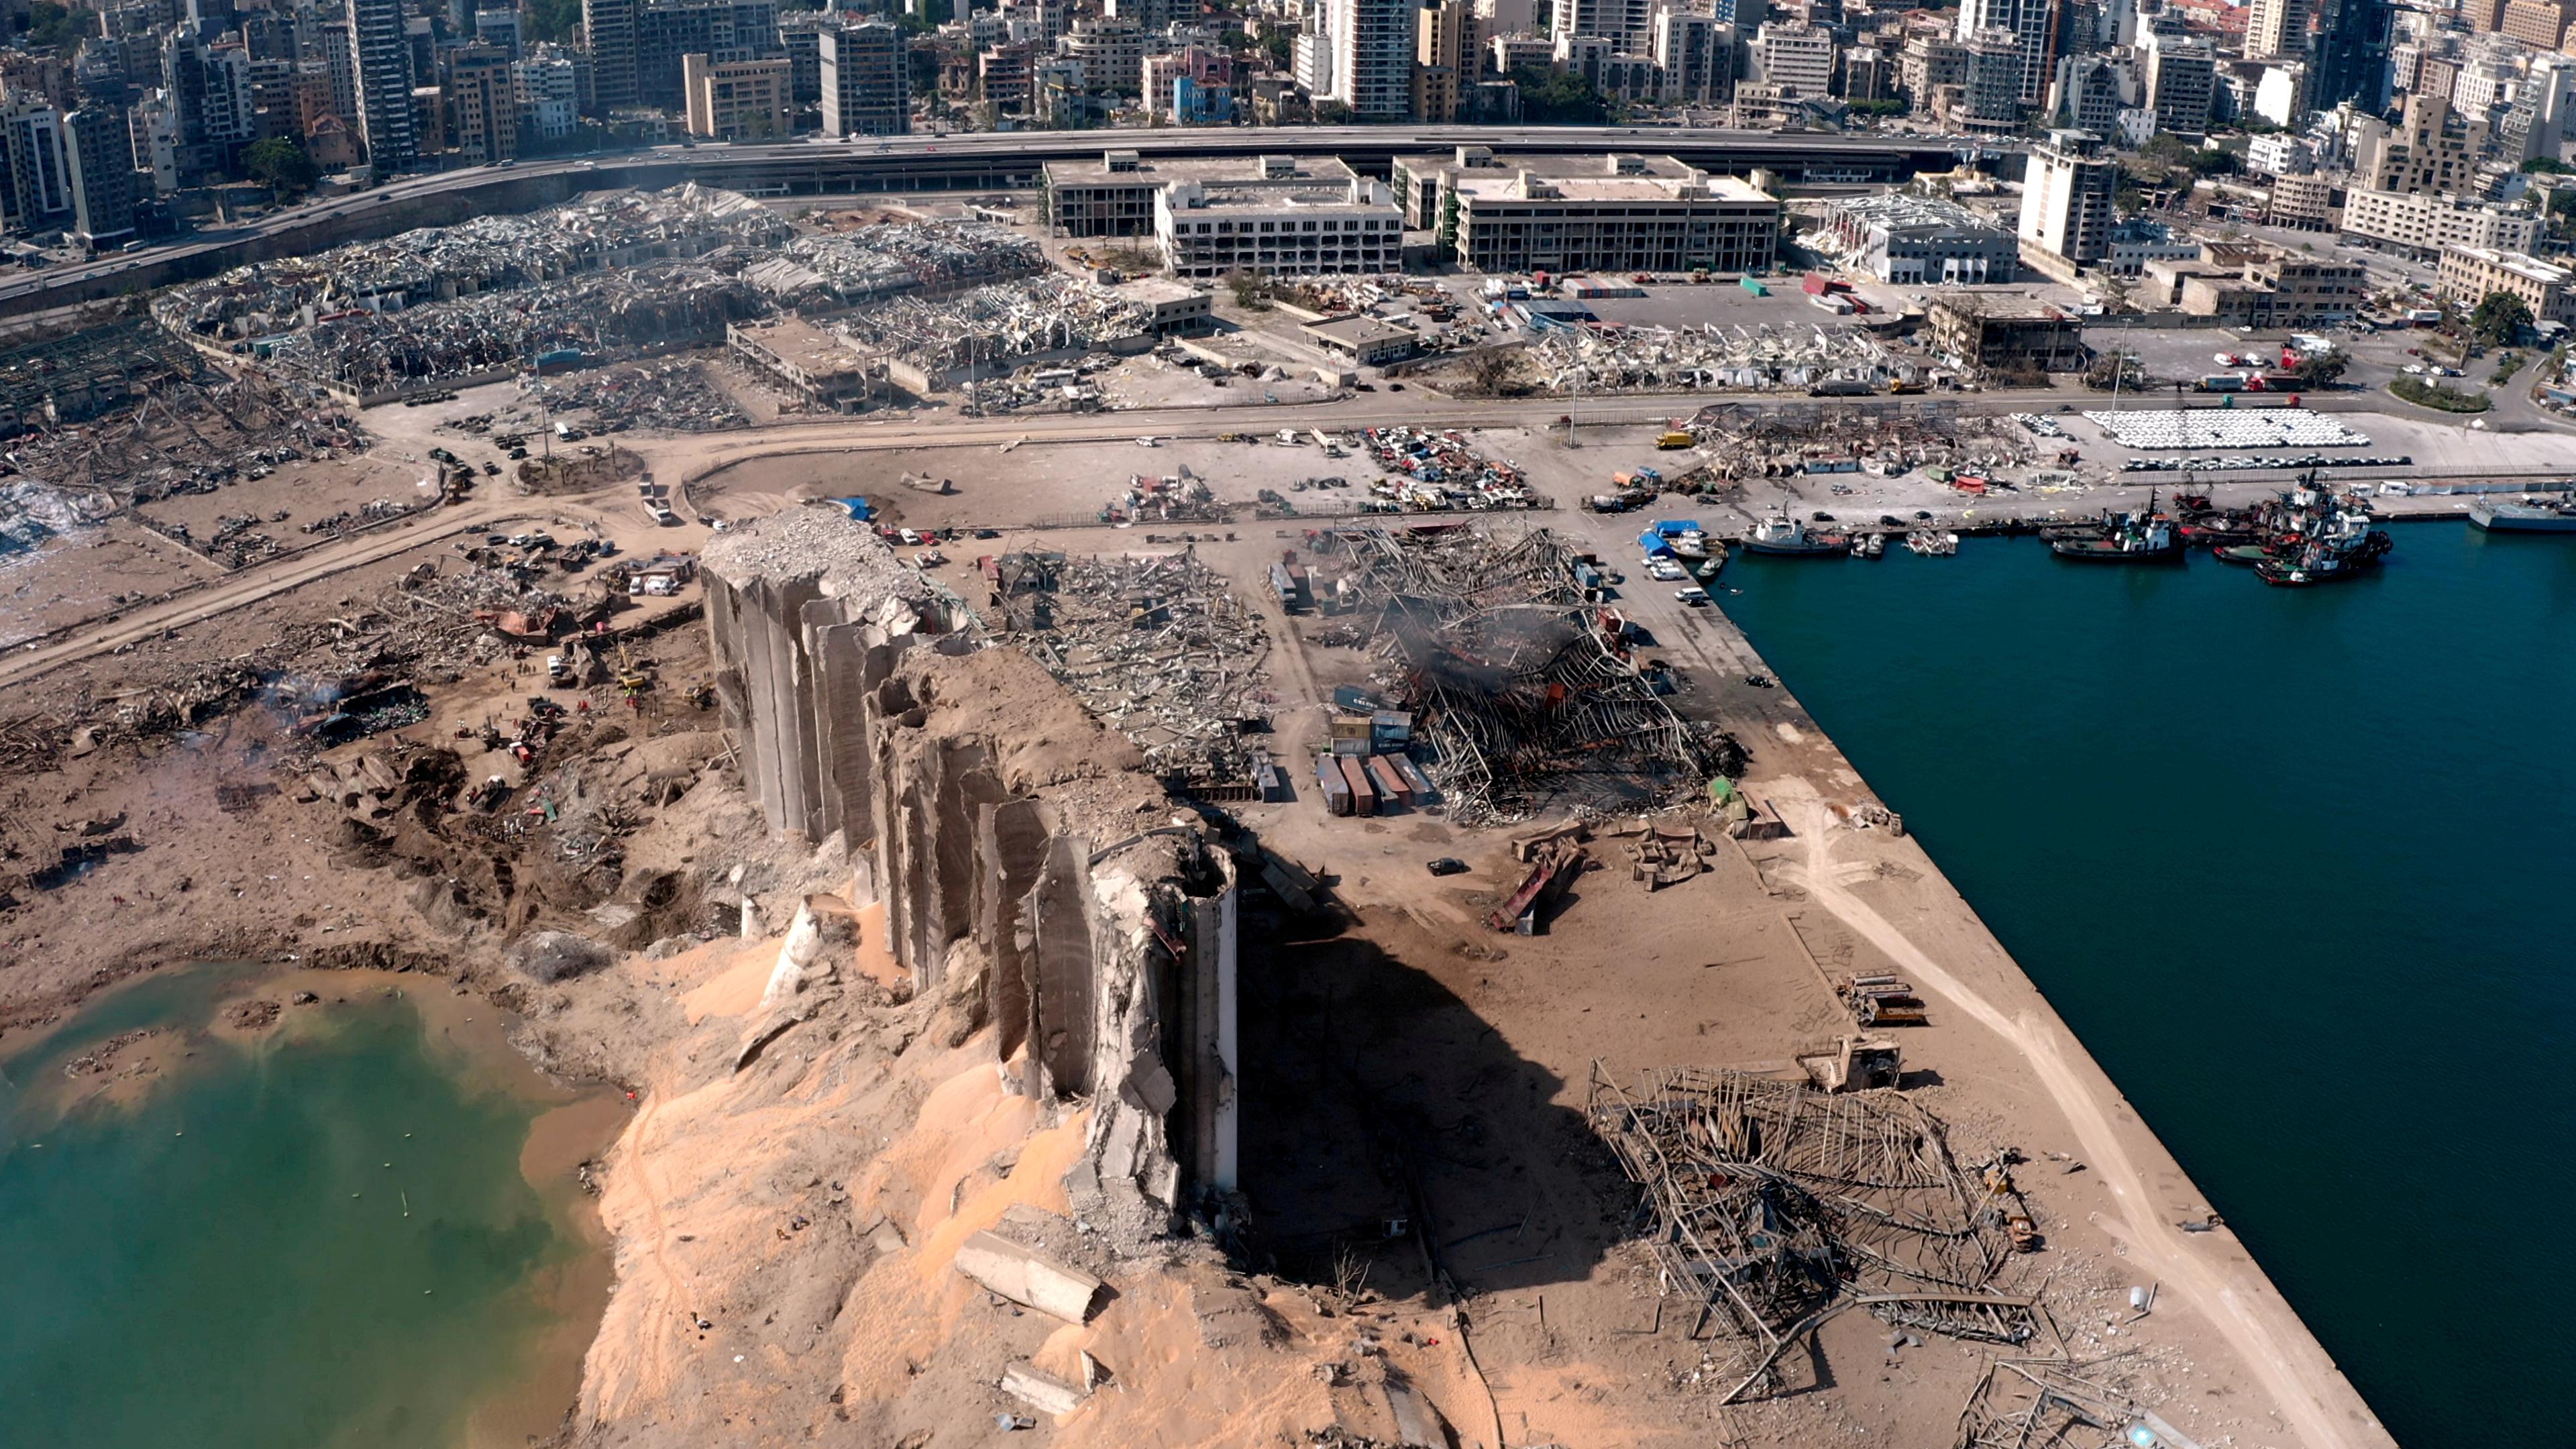 منذ انفجار مرفأ بيروت الكارثي قبل 6 أشهر لم تشكل حكومة إلى الآن